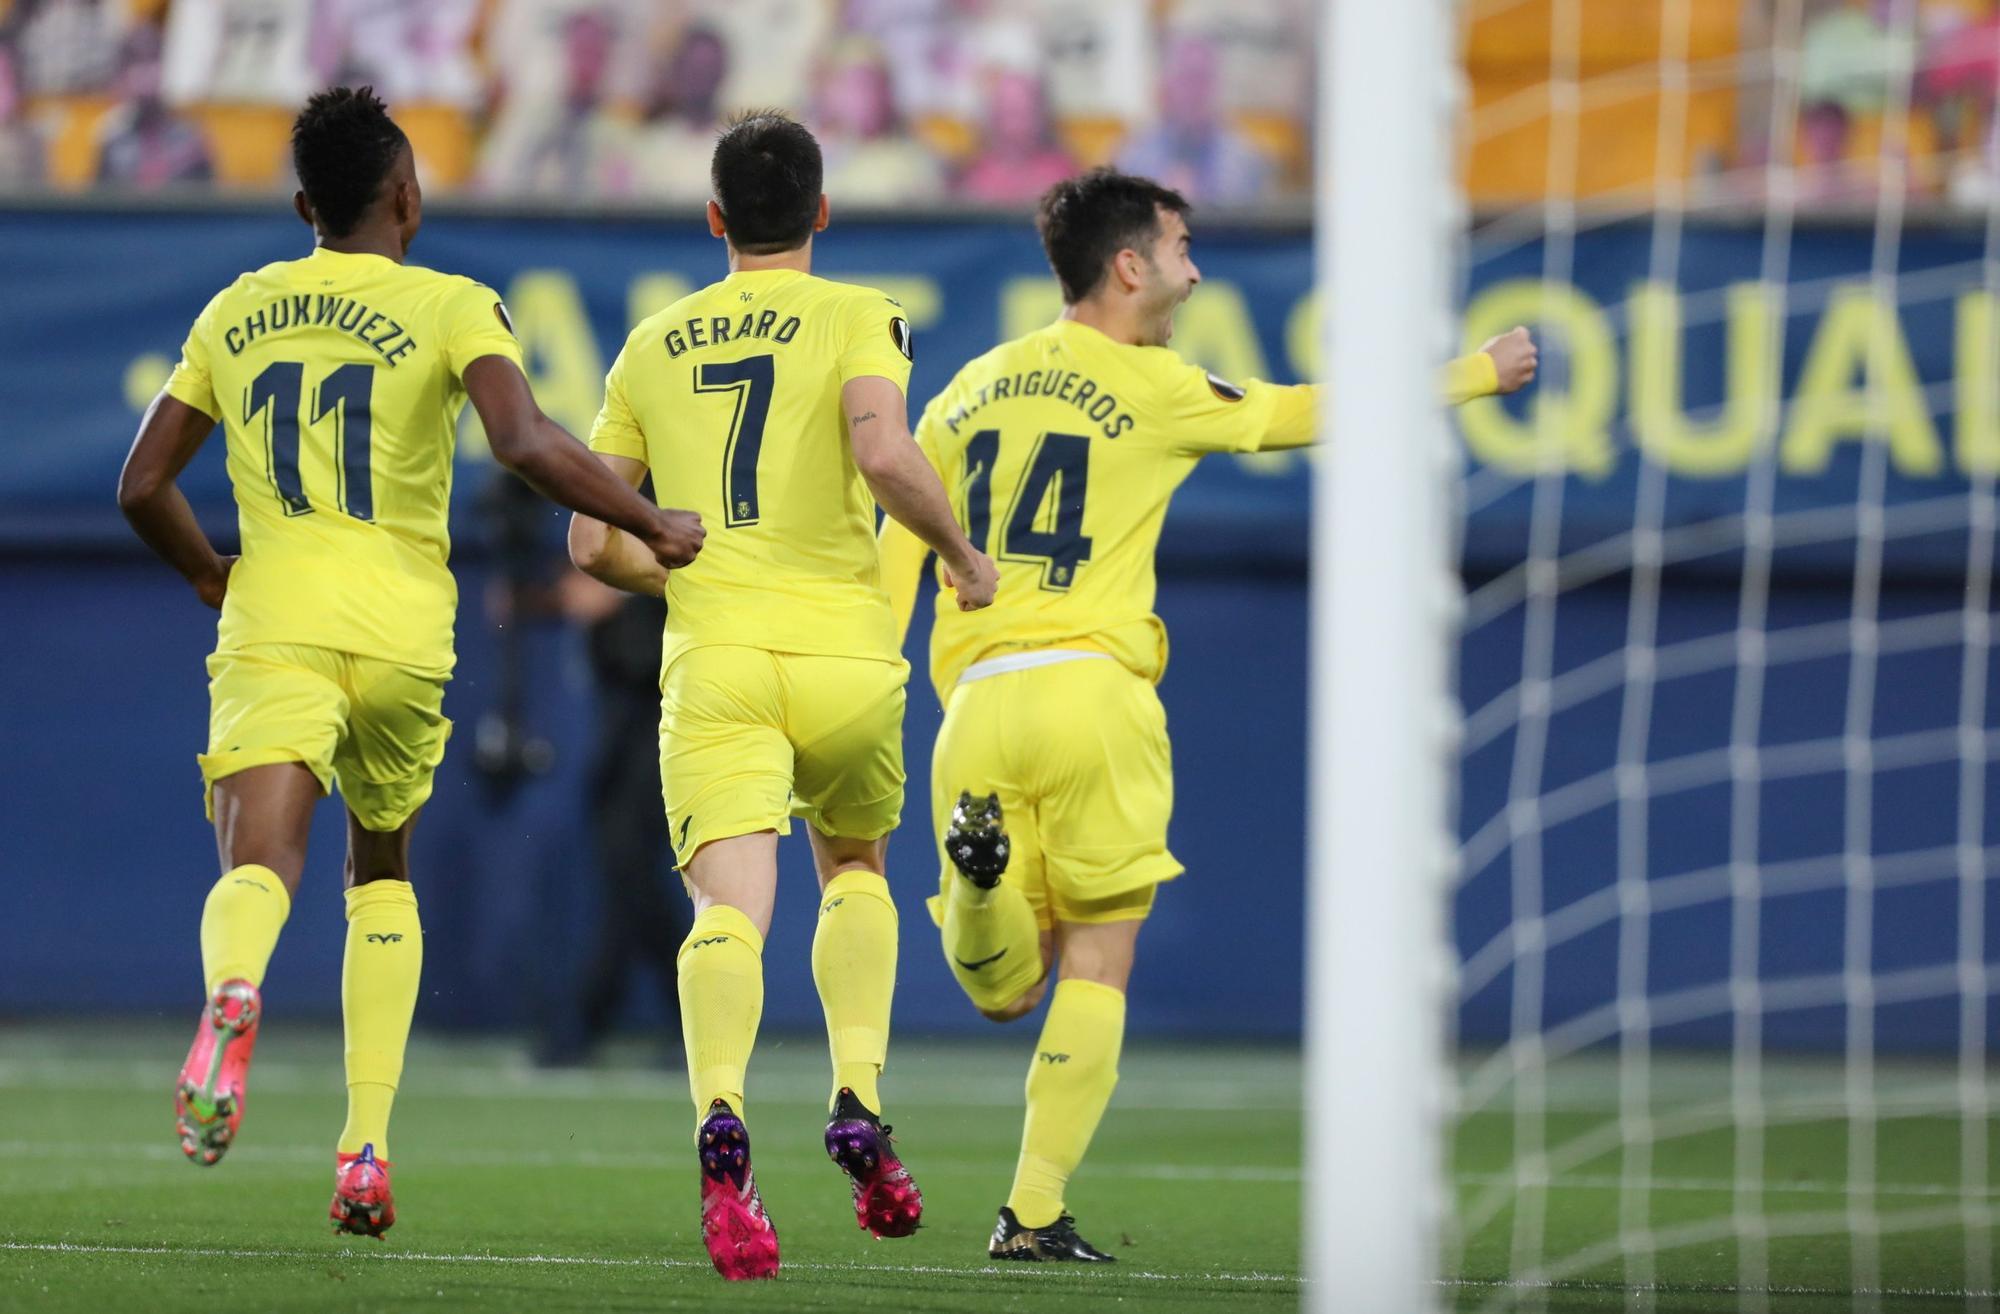 GALERÍA DE FOTOS | Victoria del Villarreal CF ante el Arsenal en las semifinales de la Europa League